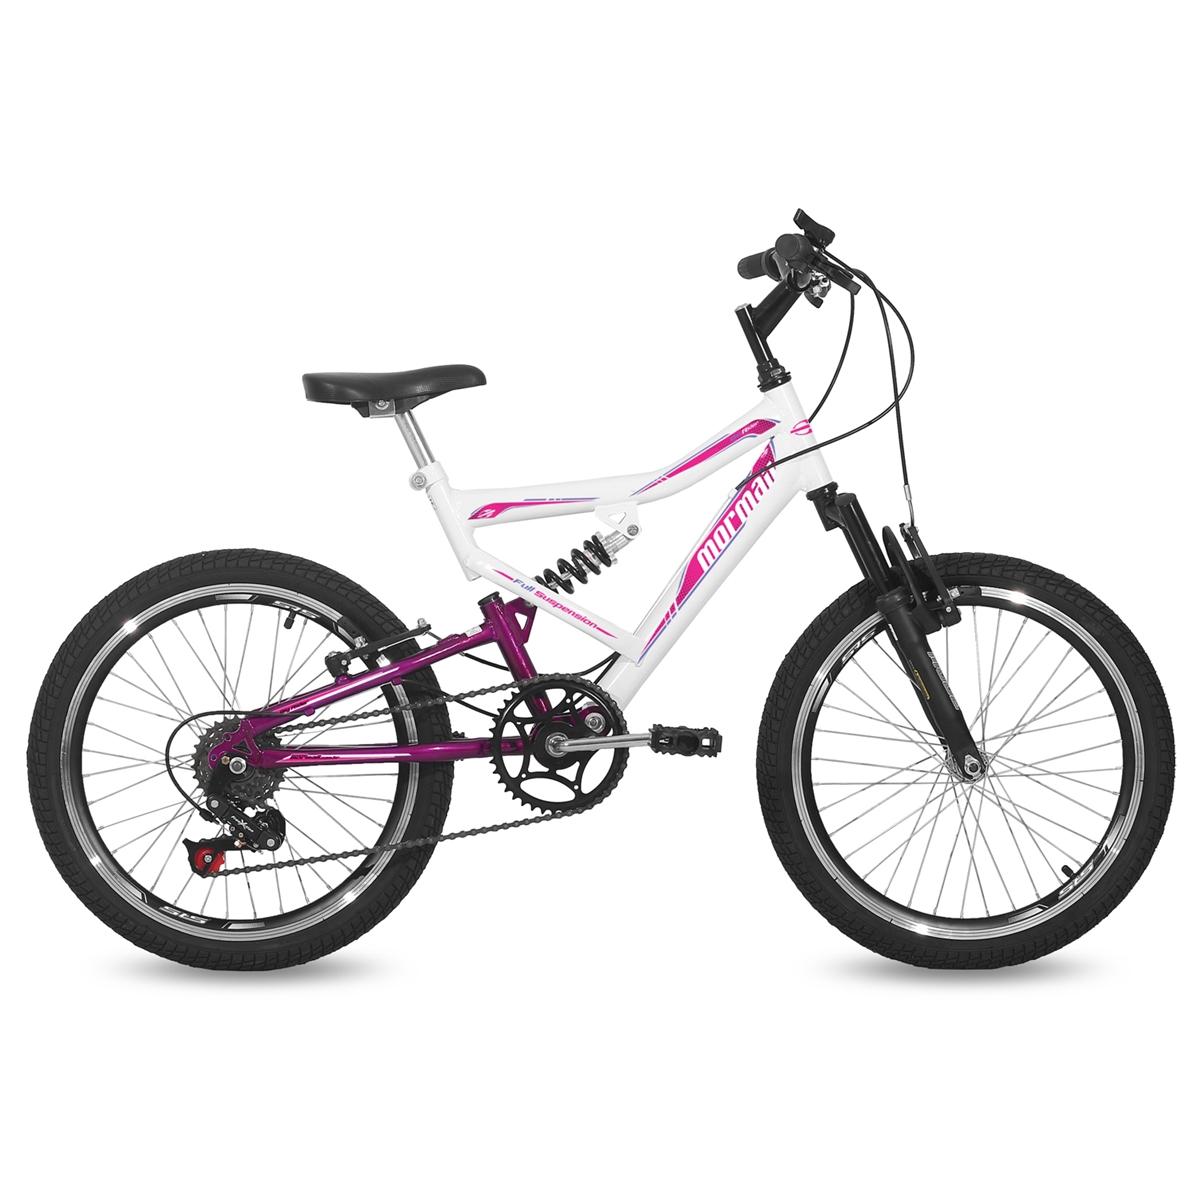 Bicicleta Aro 20 Q14 Full Suspensão 6V Big Rider Mormaii